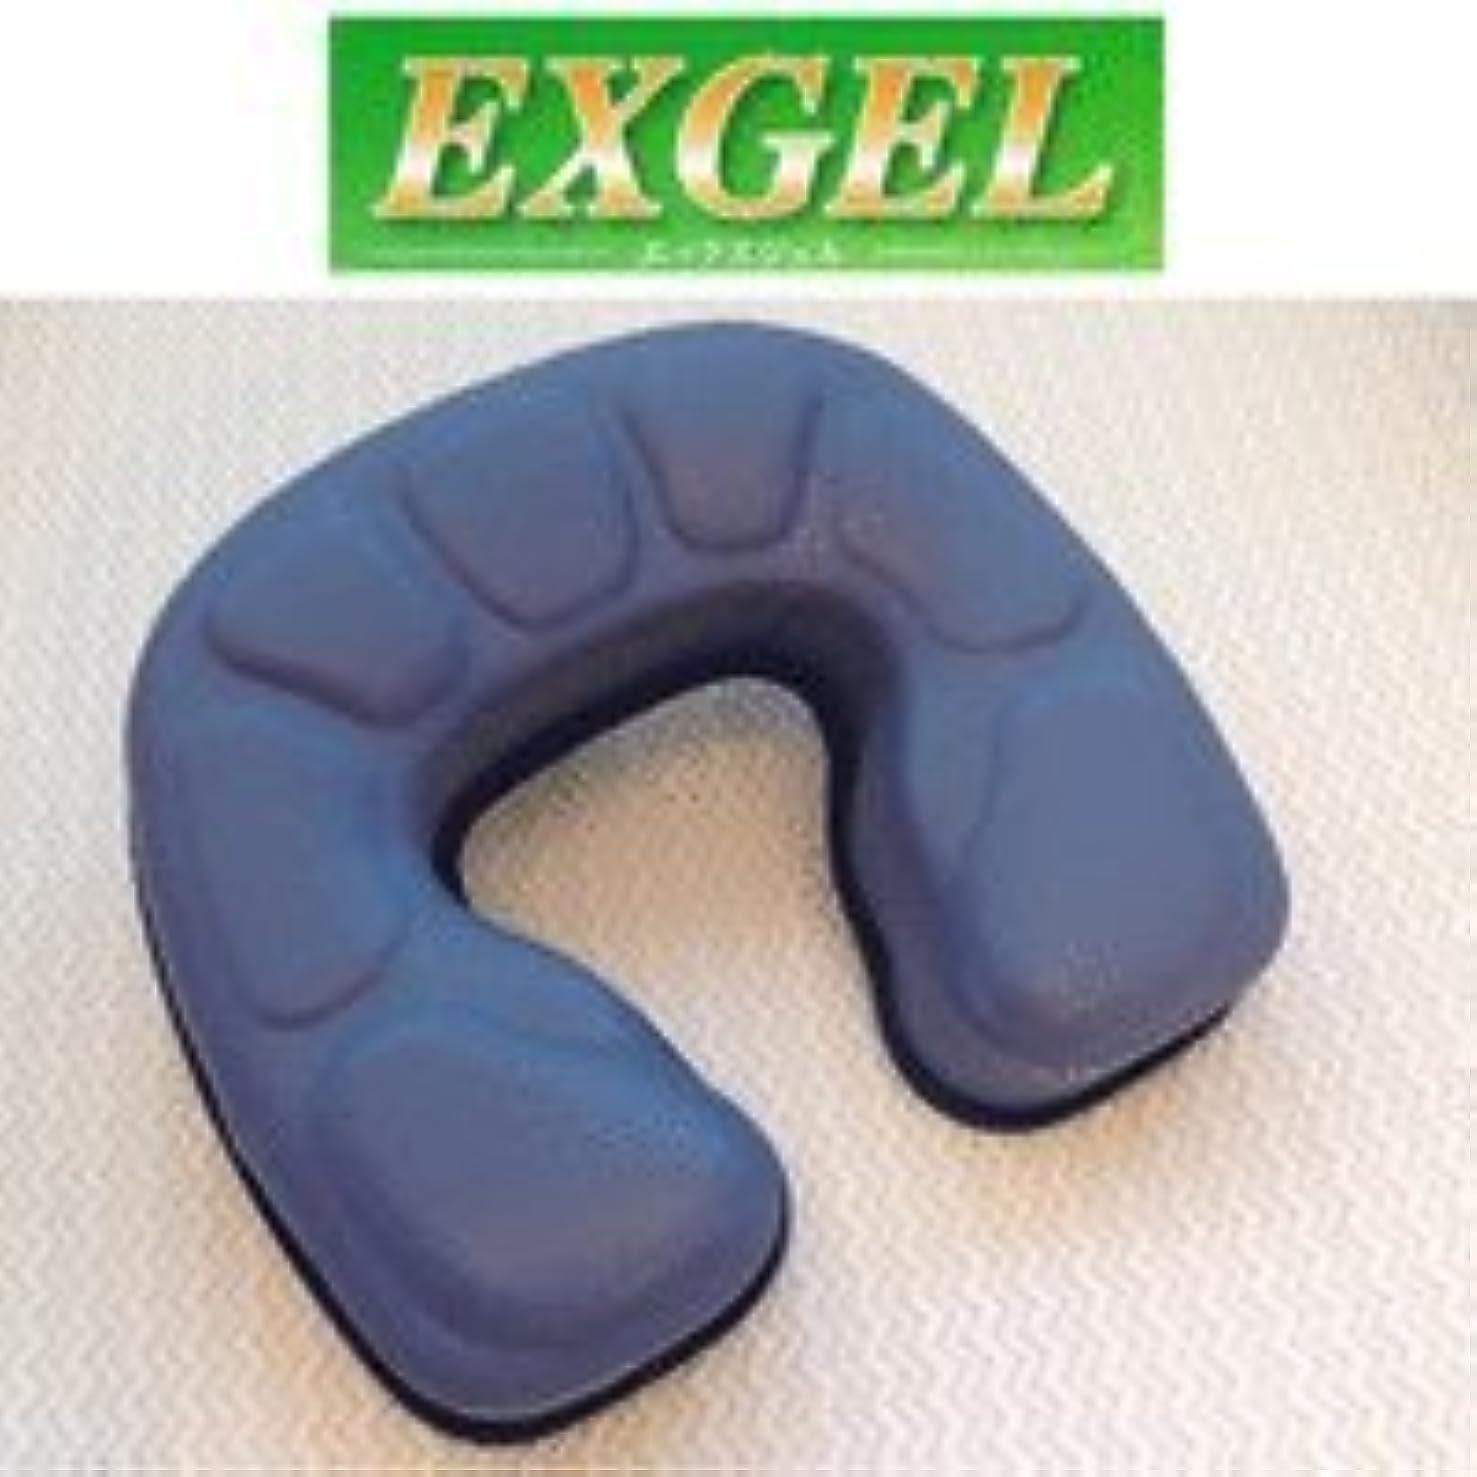 変化リビングルーム寛大さEXGEL(エックスジェル) EXフェイスマット 25×26×6cm (カナケン治療?施術用枕) うつぶせ寝まくら KT-297